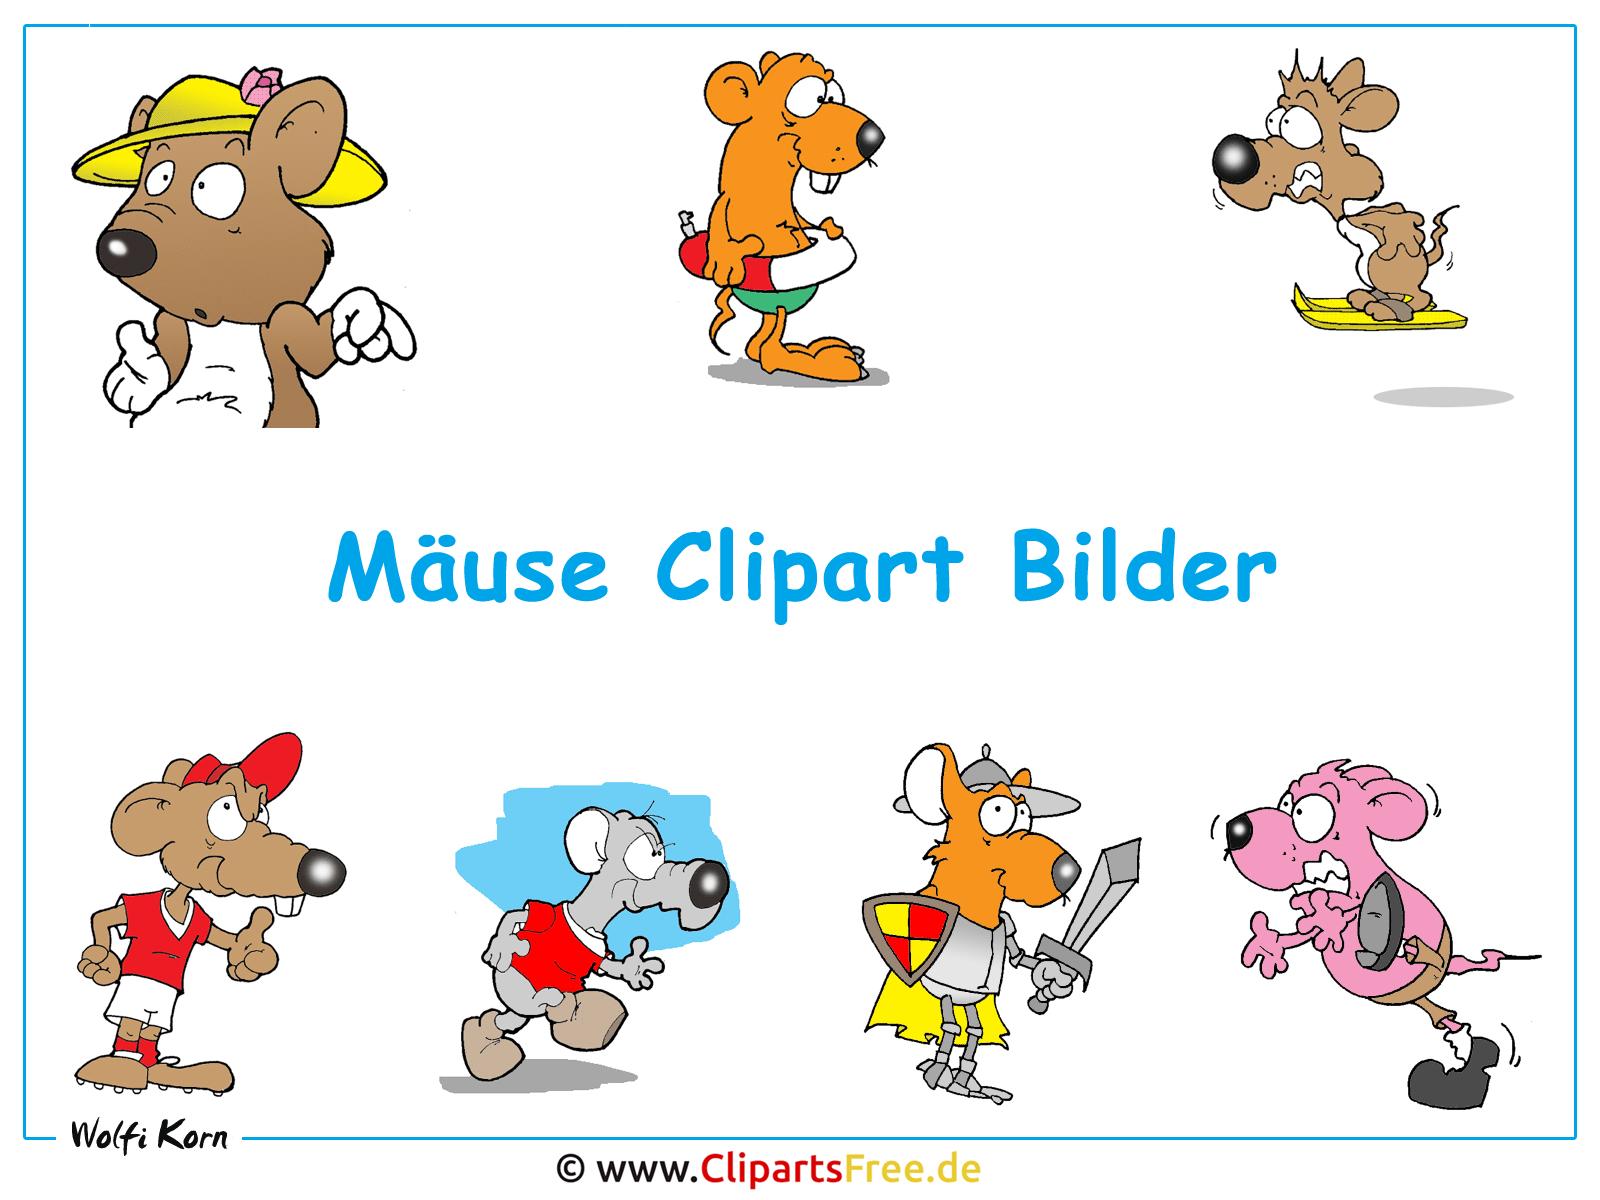 Maus Ratte Clipart Stock Vektor Art und mehr Bilder von Bildkomposition und  Technik - iStock